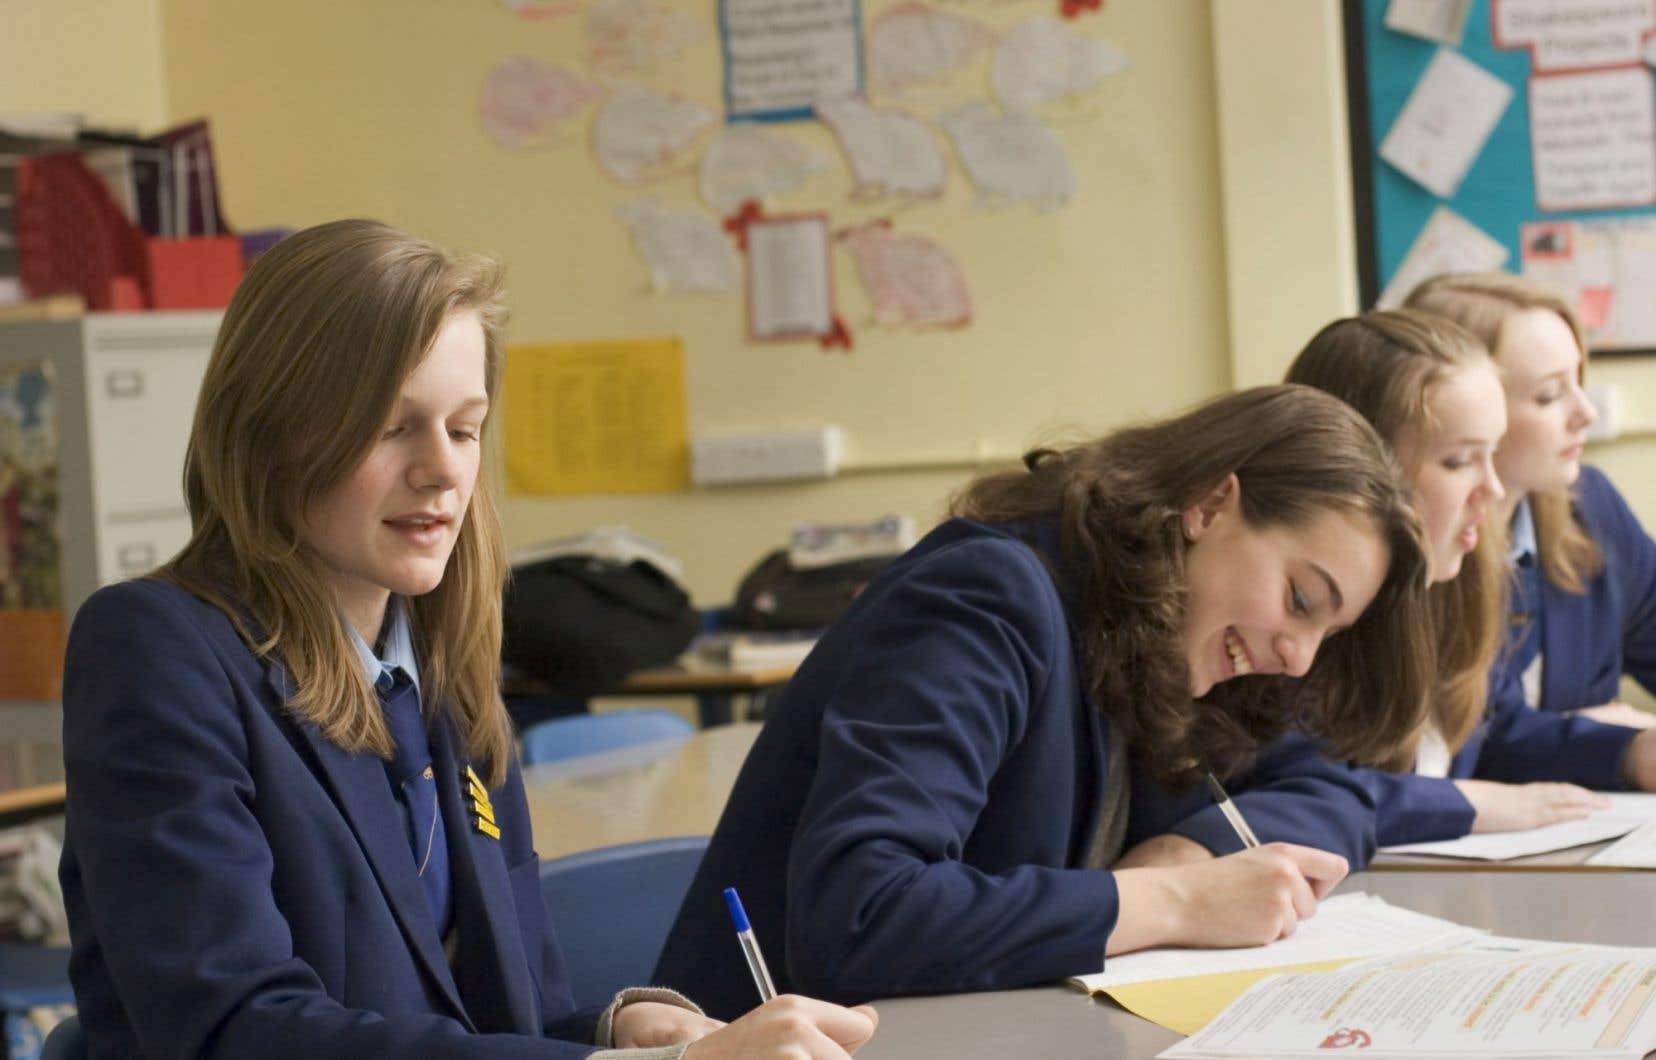 «Les coupes en éducation font mal, très mal, et il faut les dénoncer. Attaquer l'école privée est-elle la meilleure façon de le faire?», dénonce Jean-Marc St-Jacques.